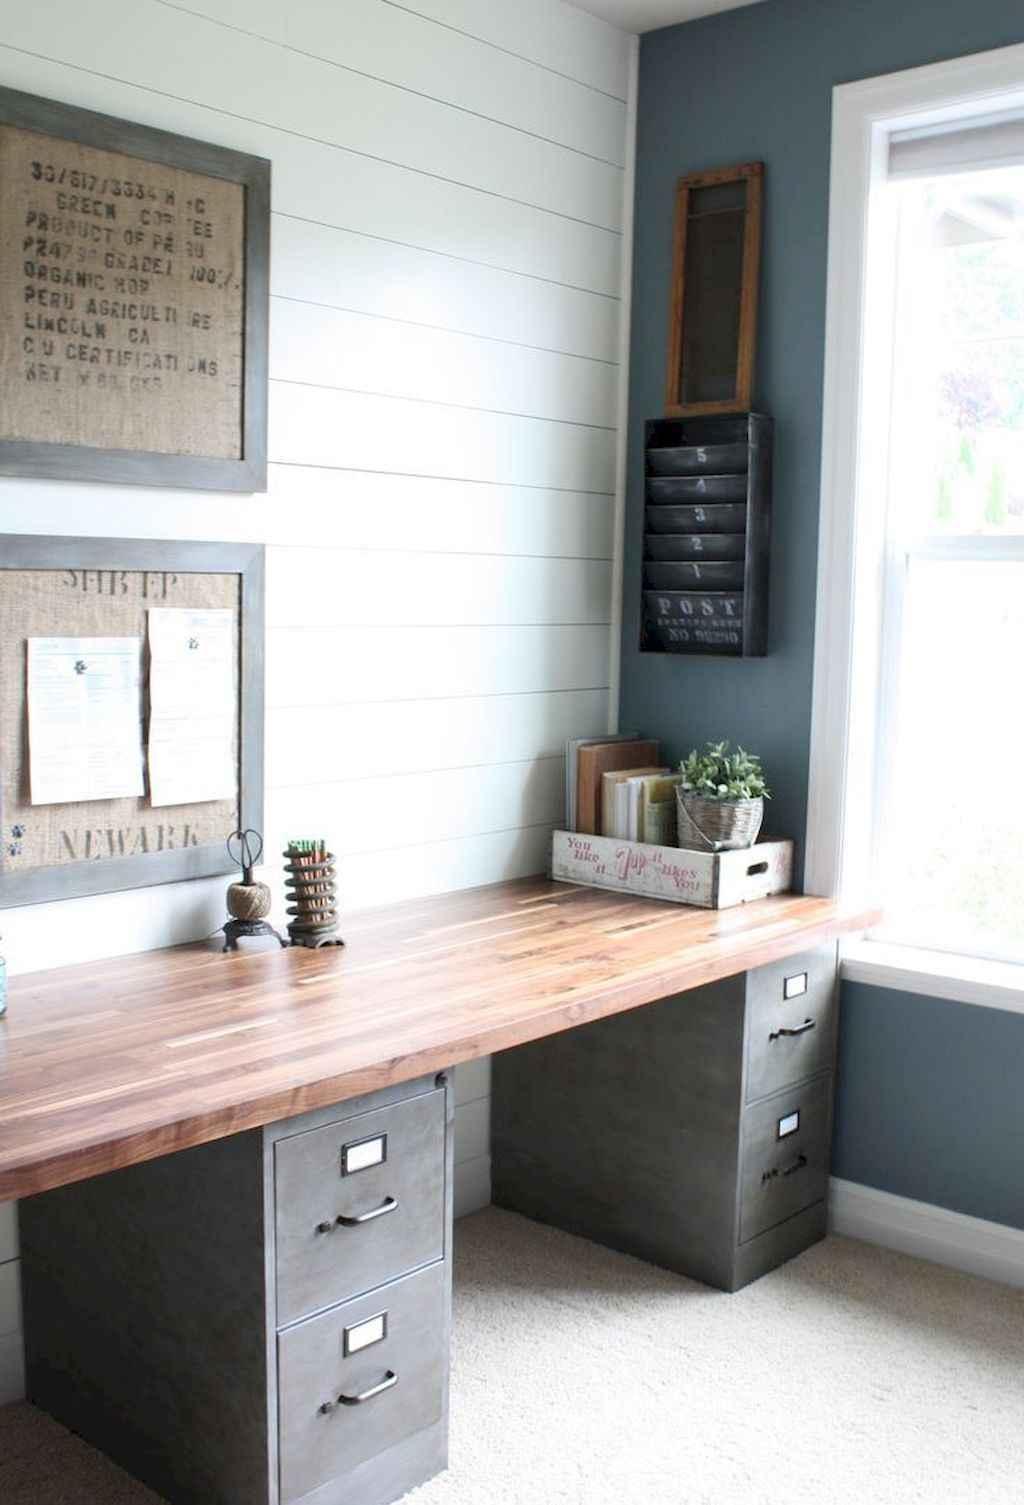 40 Easy Diy Farmhouse Desk Decor Ideas On A Budget 31 Roomadness Com